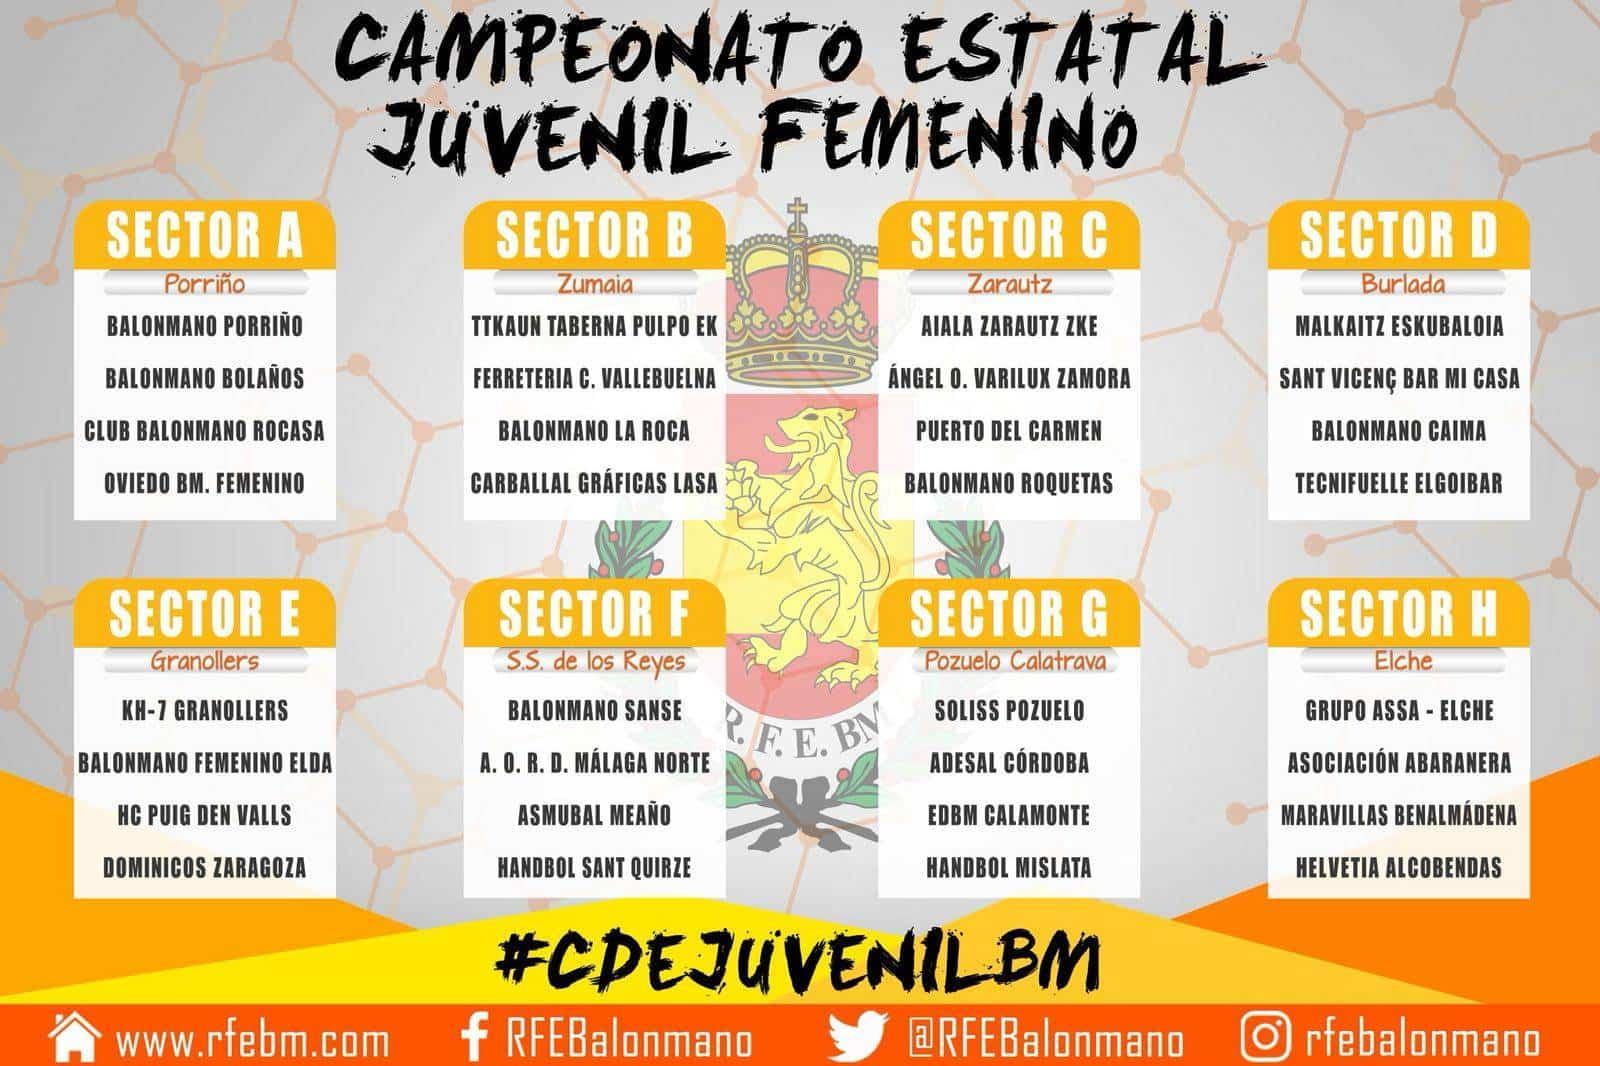 Herencianas en el Campeonato Estatal Juvenil Femenino de Balonmano 6